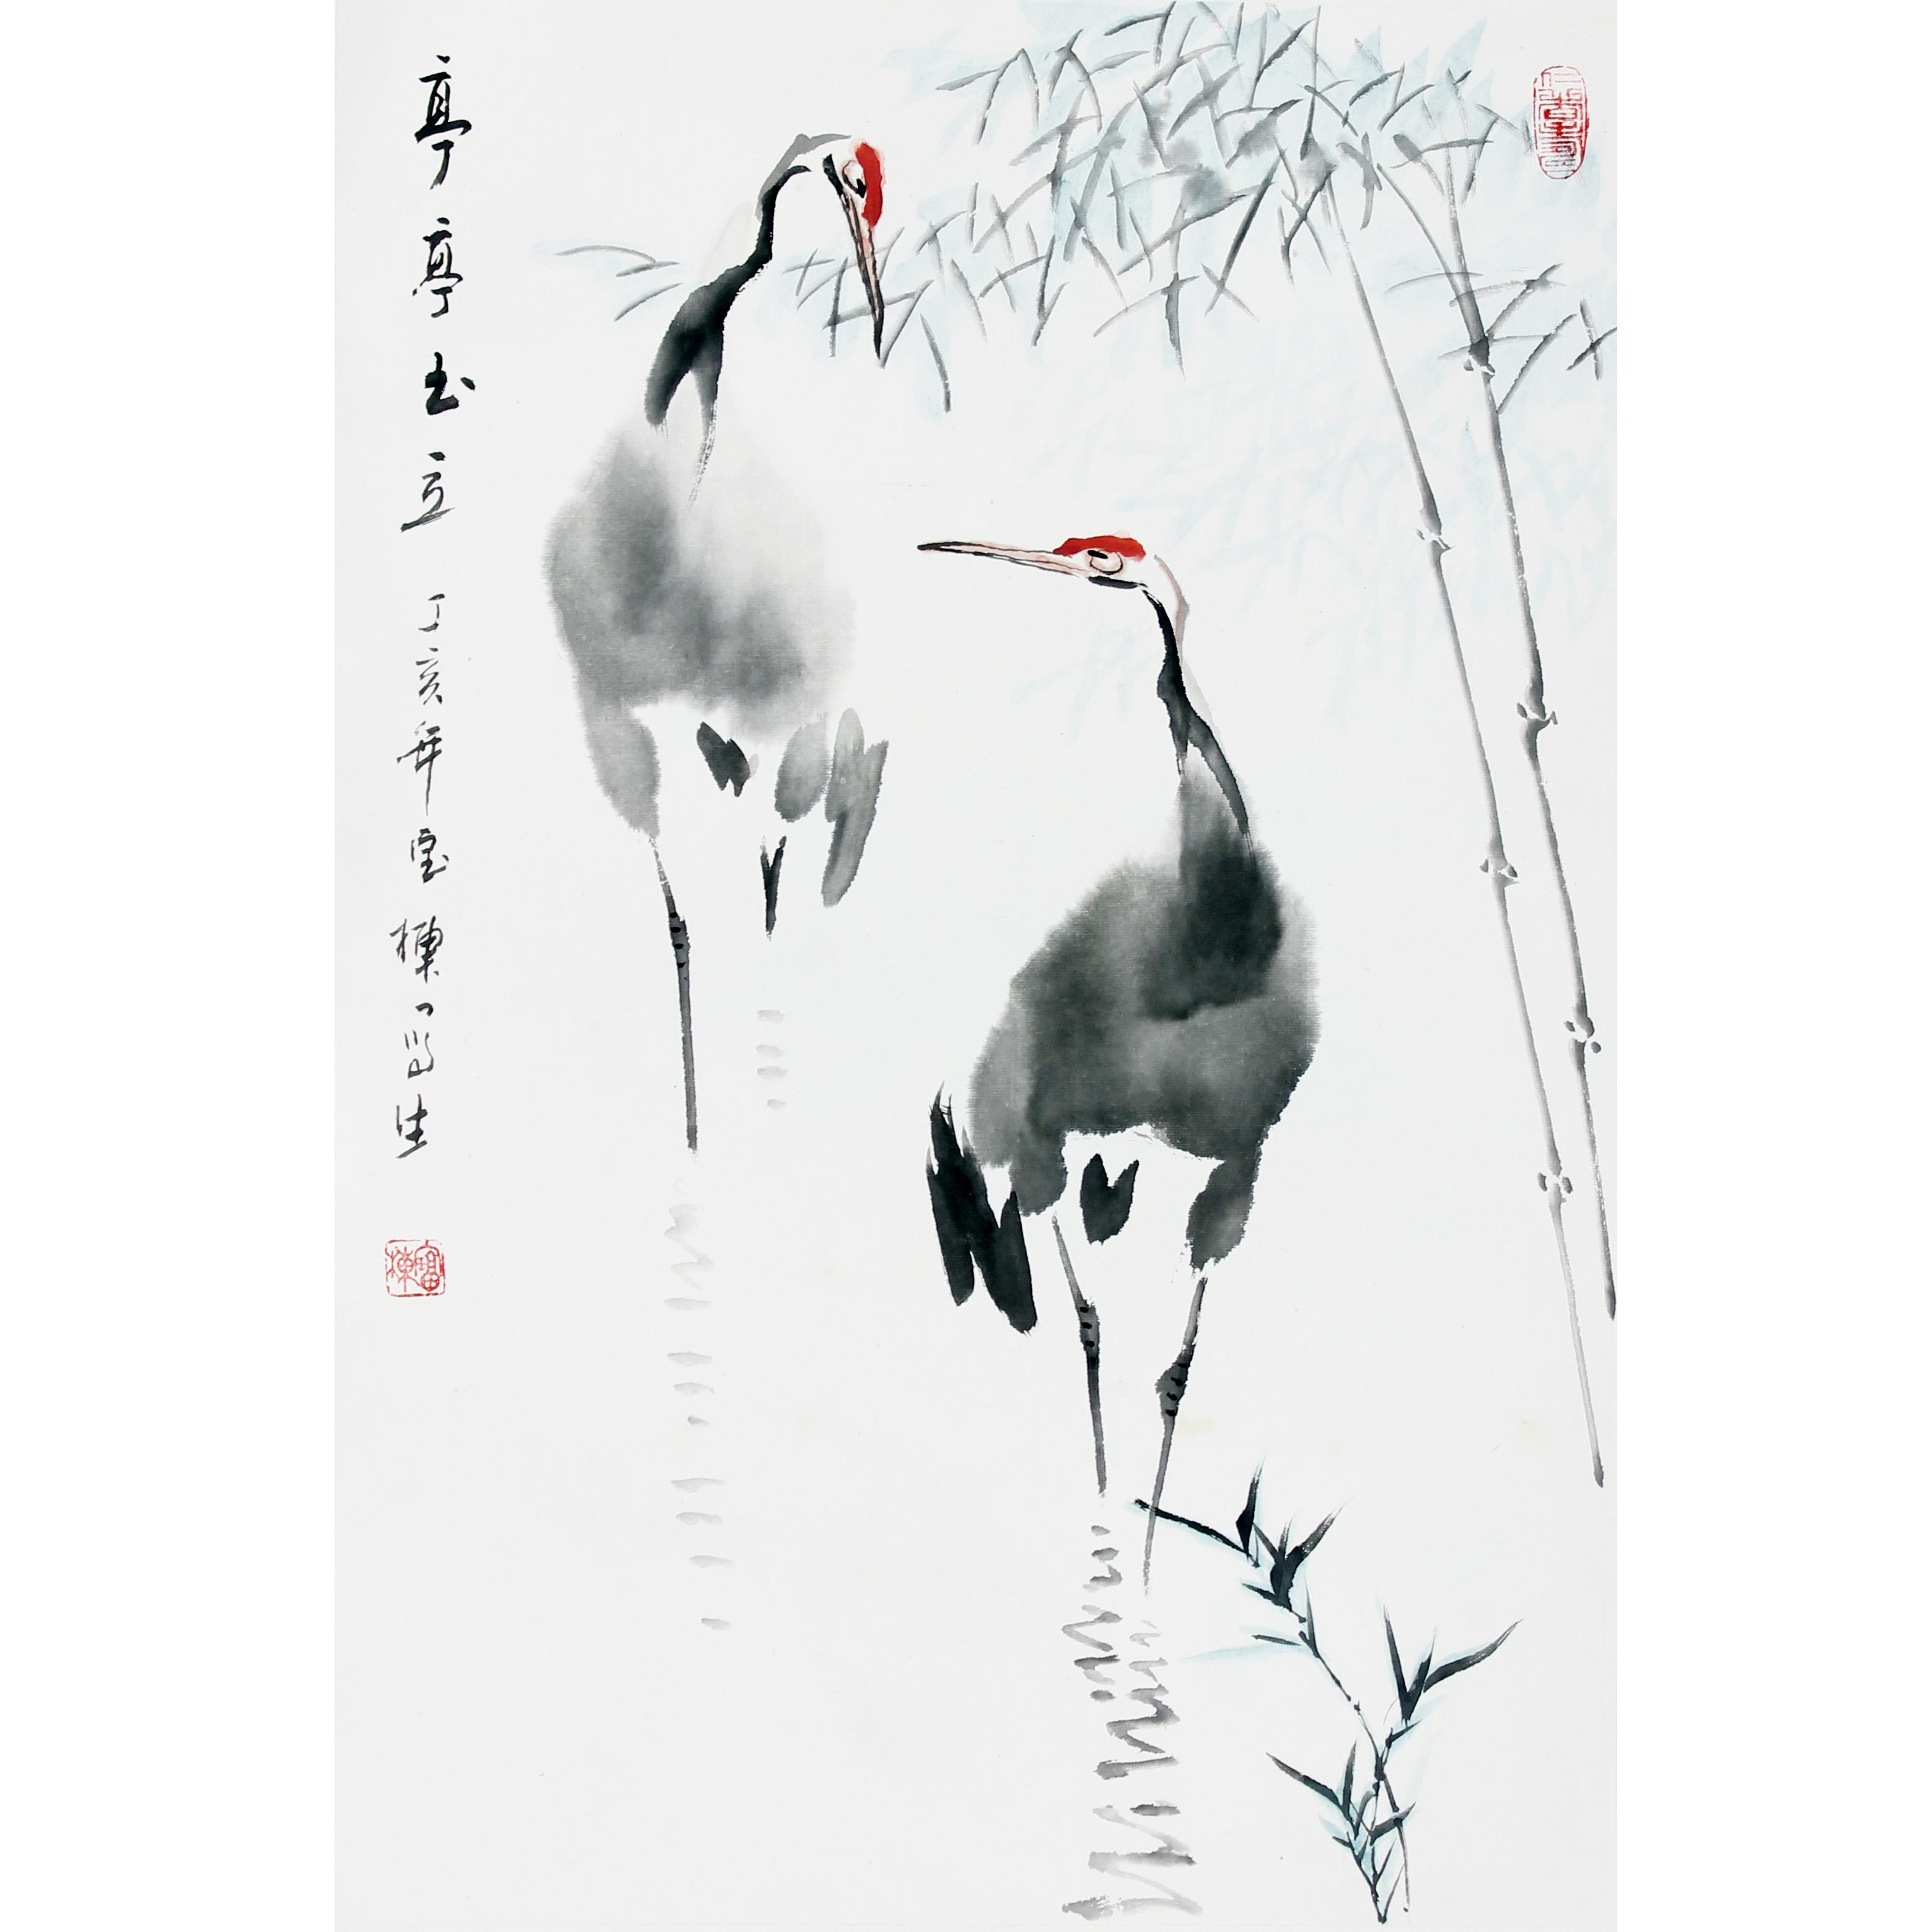 丁宝栋鹤鸣中国梦国画图片